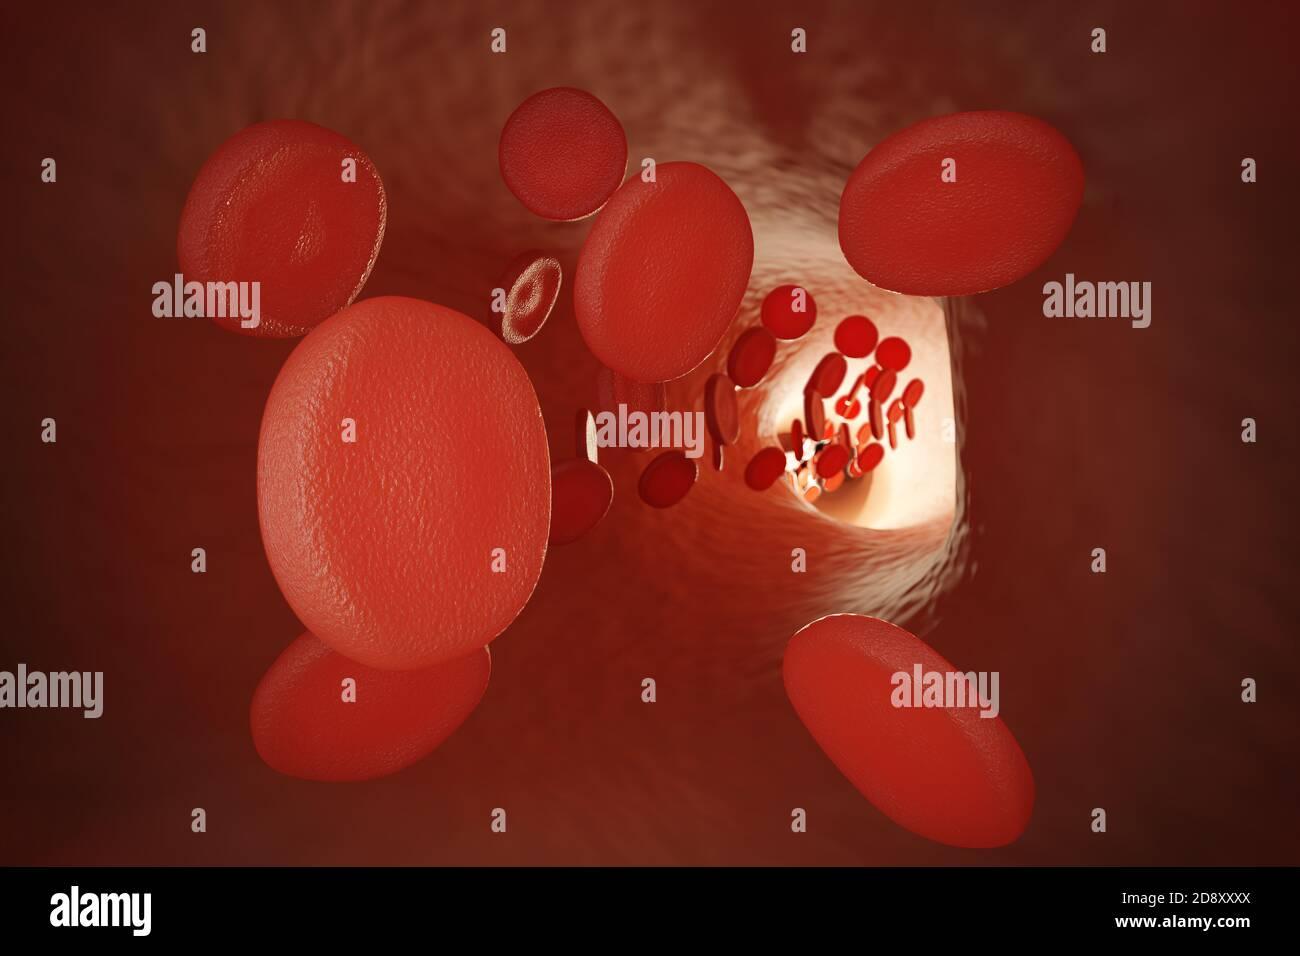 Vue rapprochée des globules rouges dans la veine humaine. Illustration de rendu 3D. Banque D'Images